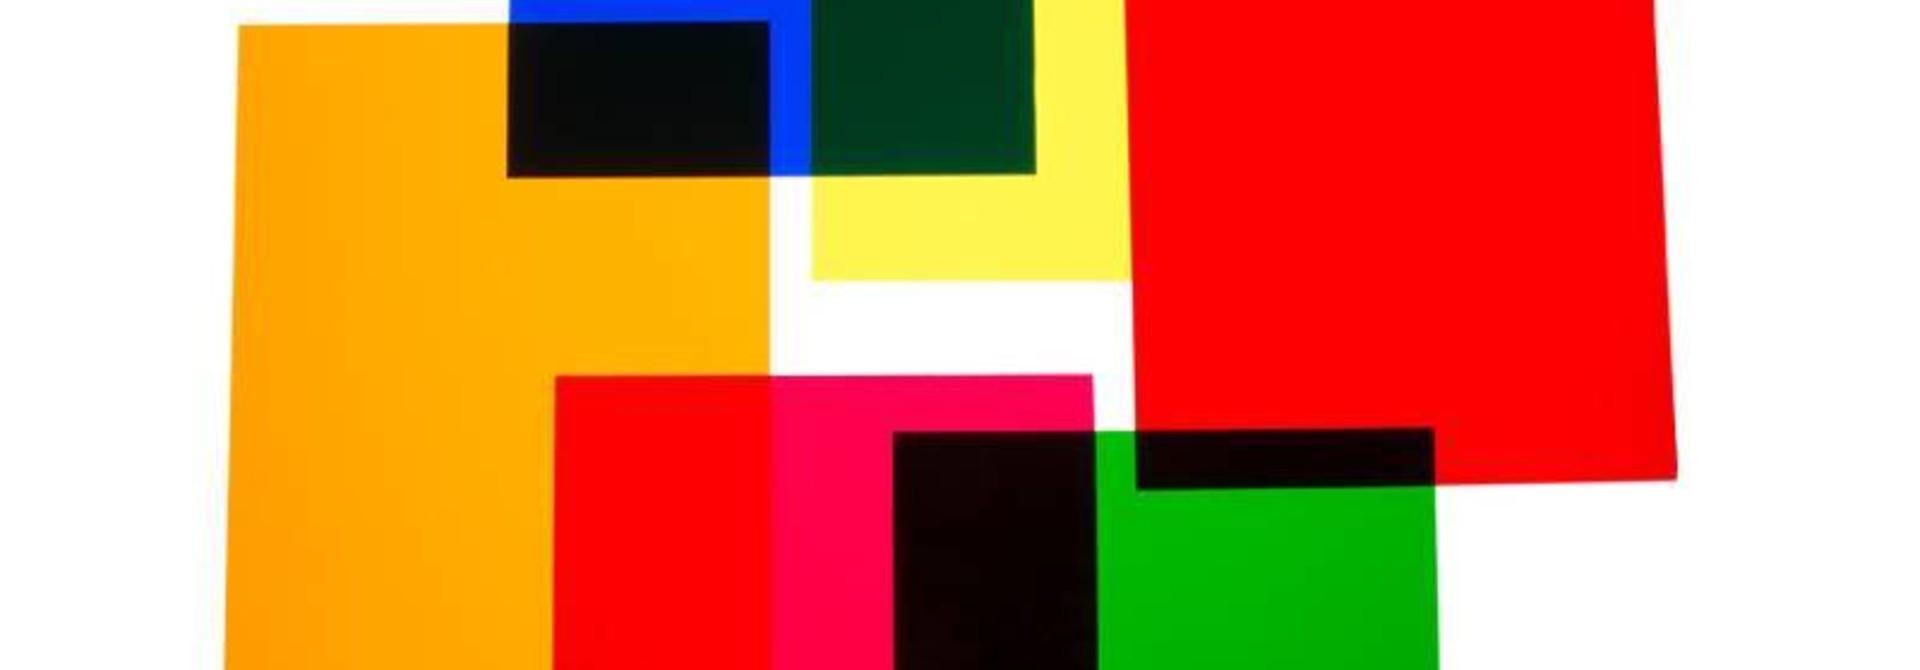 Color Gels (set of 6)